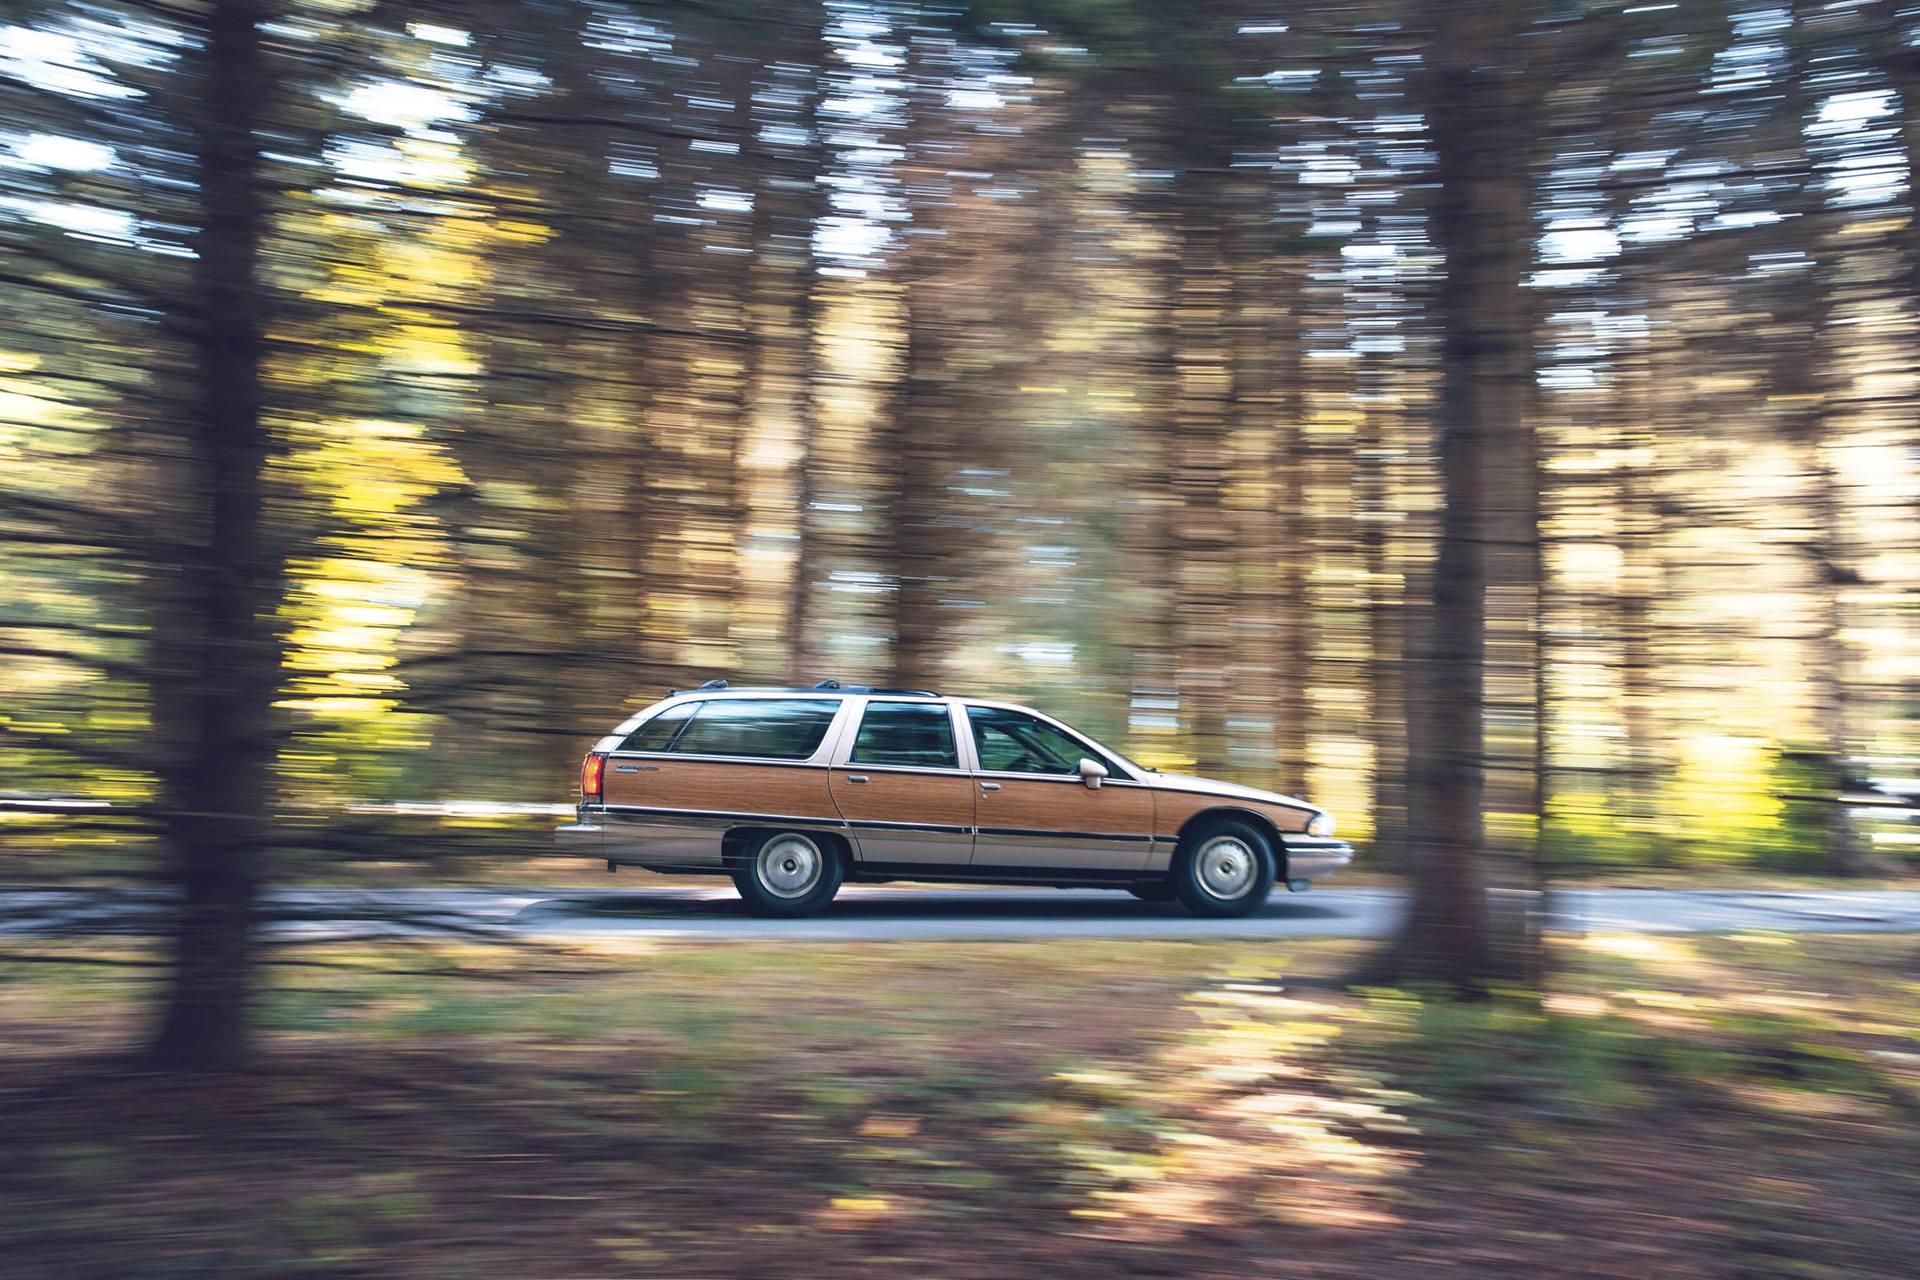 DW Burnett 1994 Buick Roadmaster